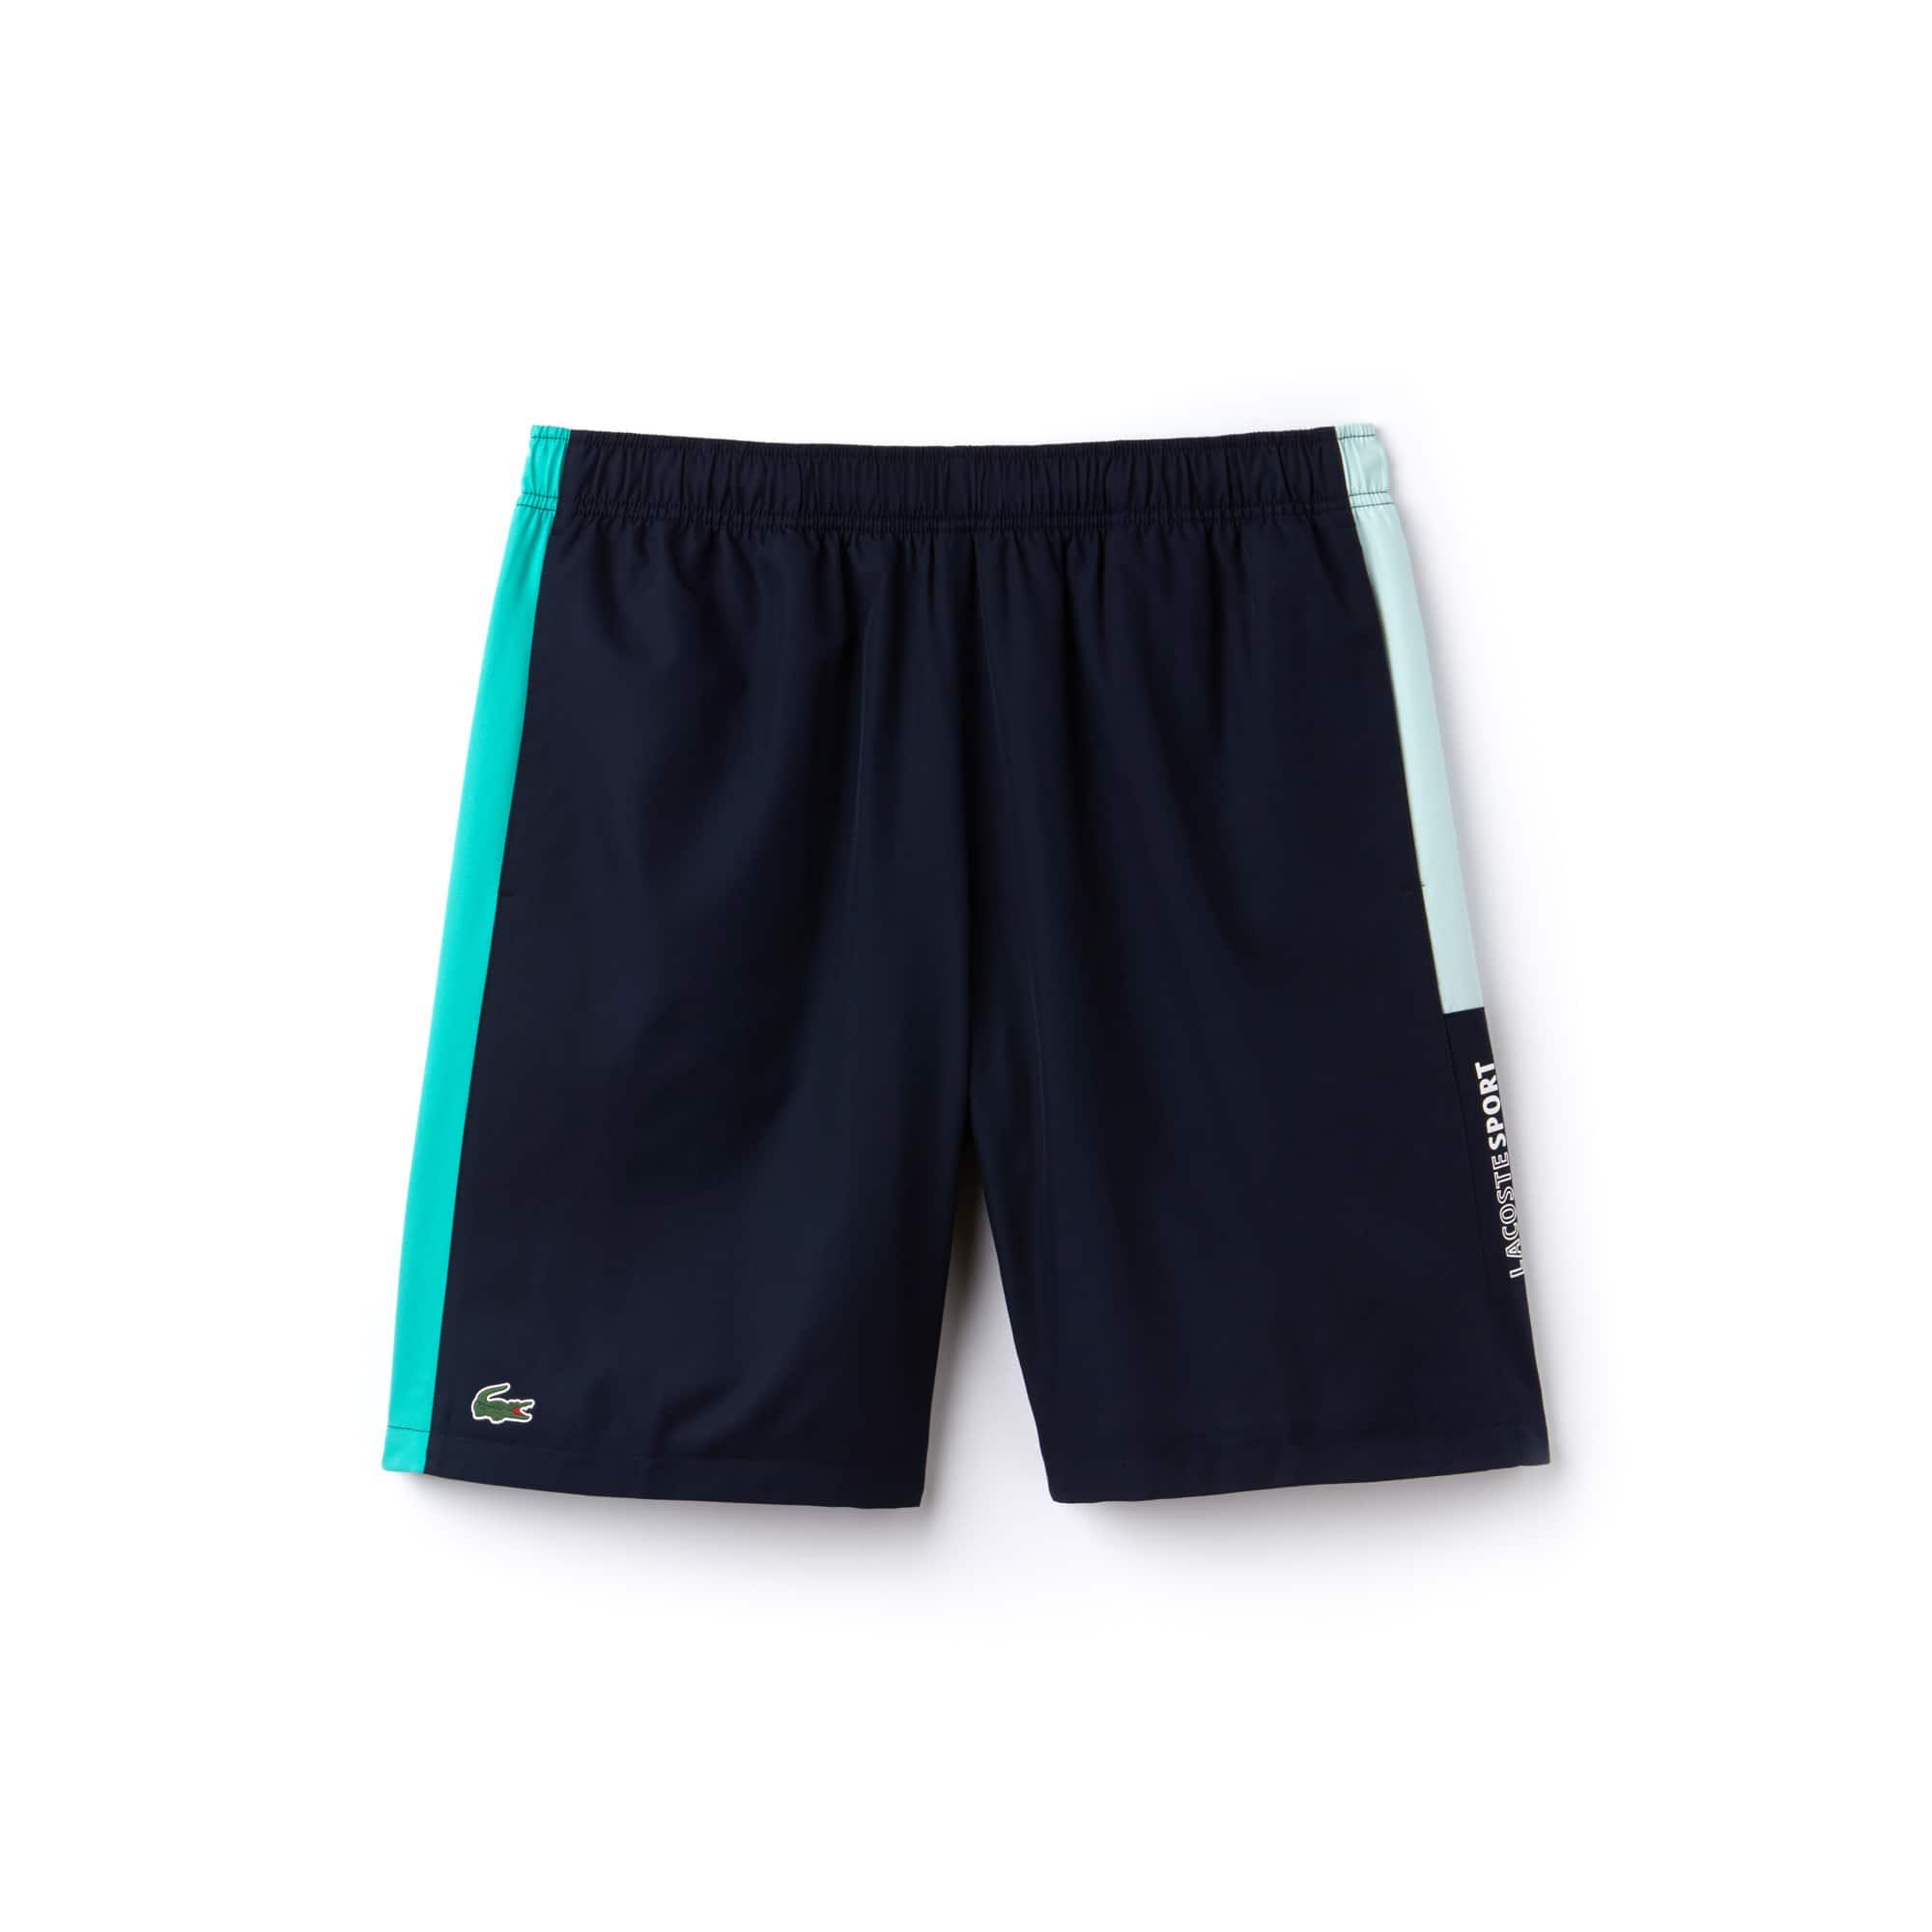 Lacoste SPORT Tennis-short heren taf met gekleurde strepen